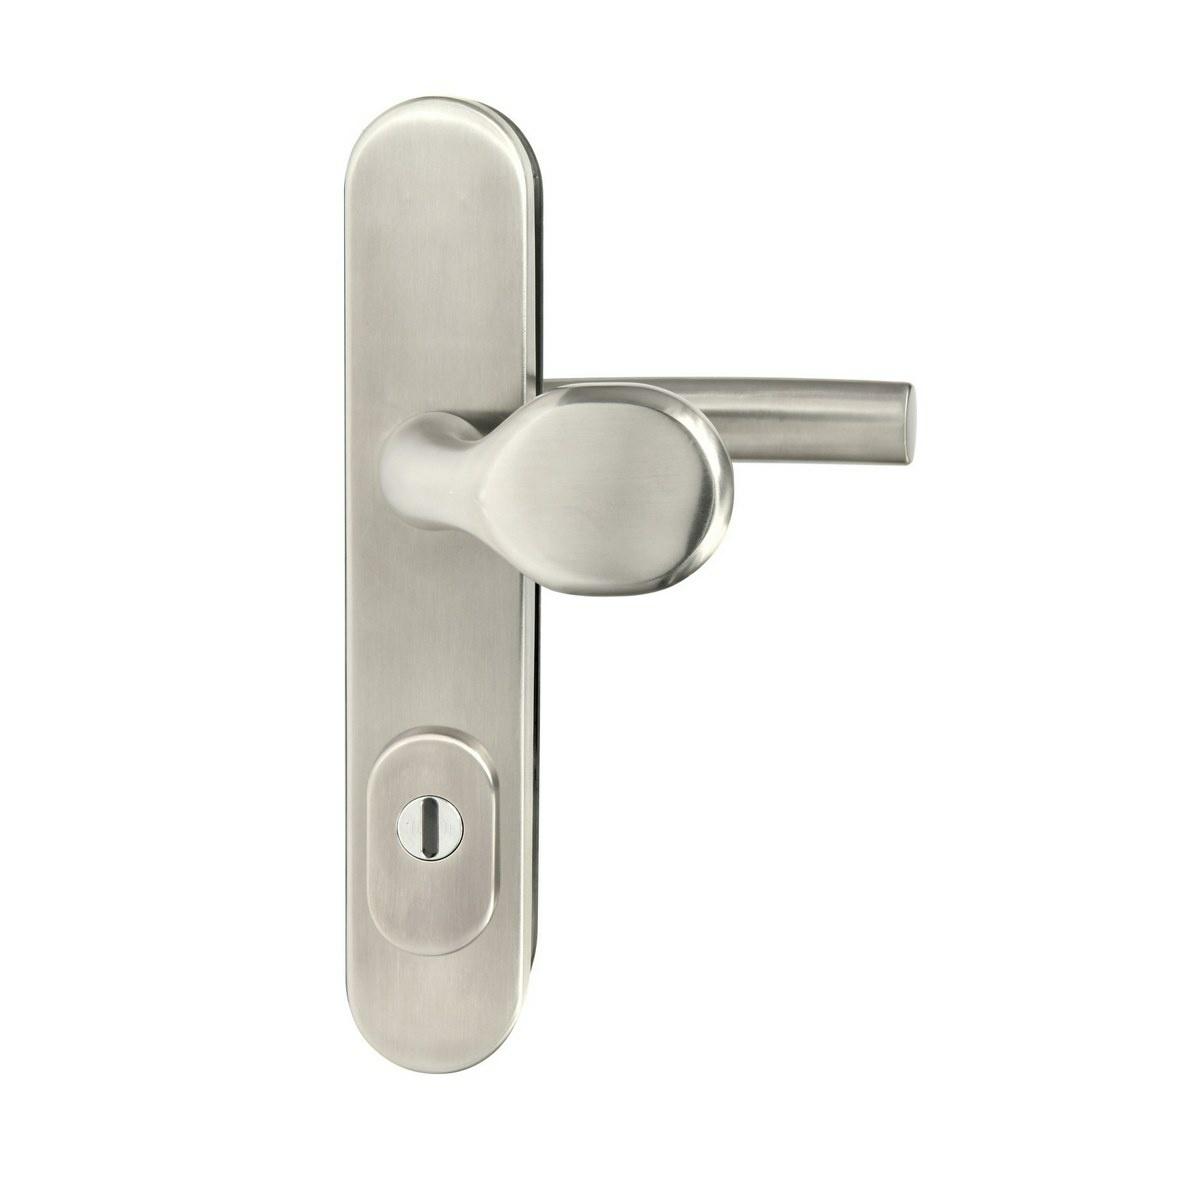 Dveřní bezpečnostní kování s madlem, R.701.ZB.72.N.TB4